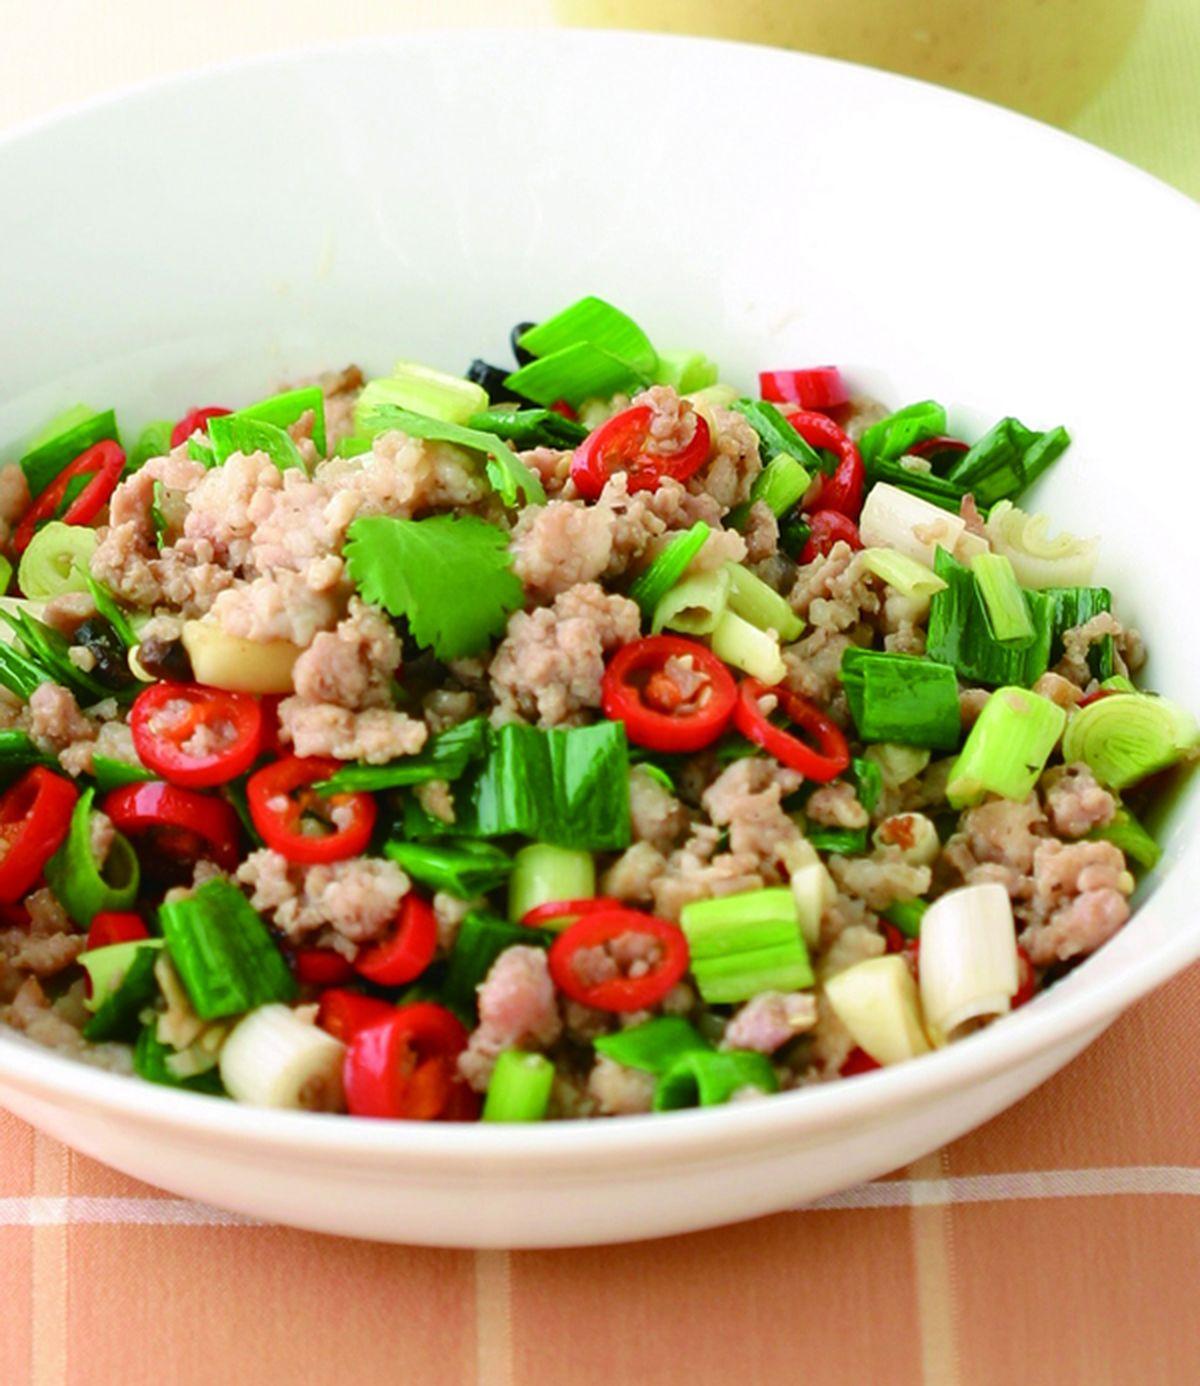 食譜:蒜苗炒牛絞肉